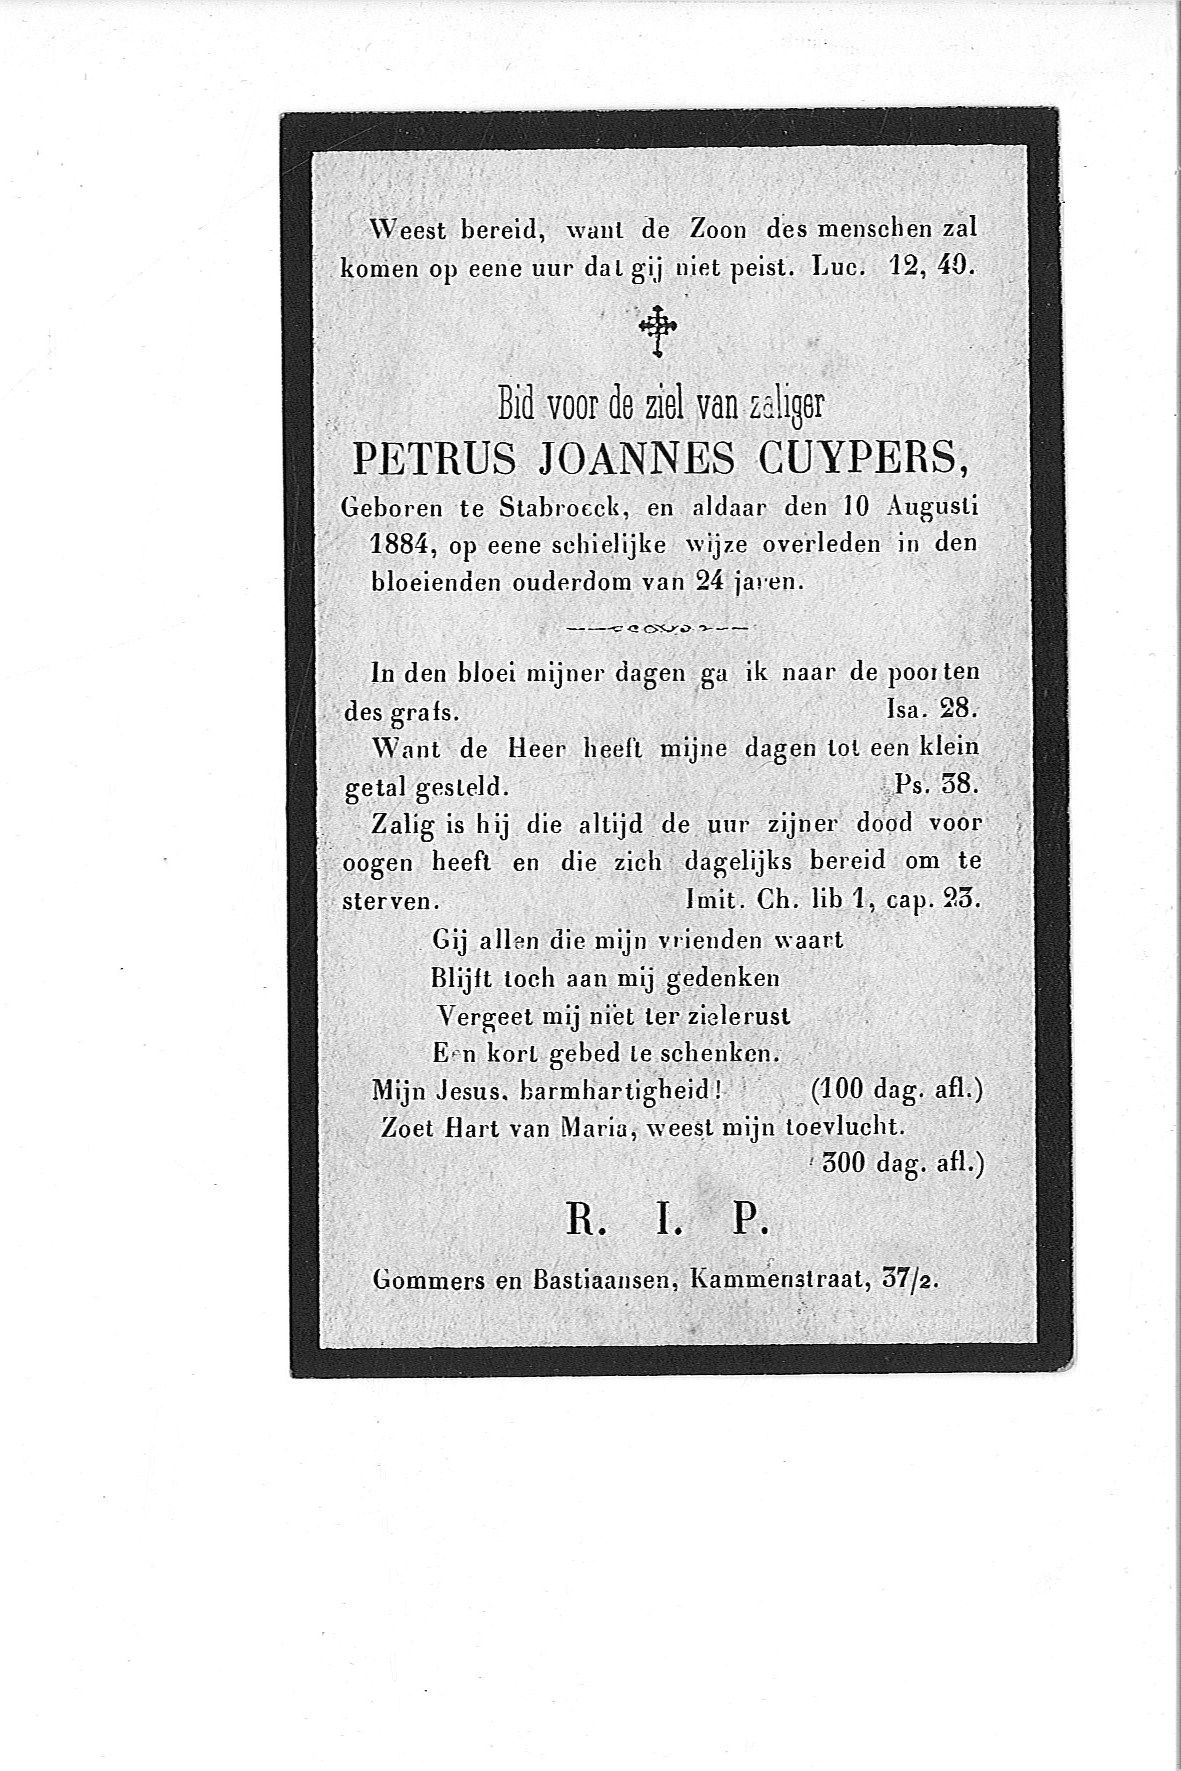 petrus-joannes(1884)20090323101150_00045.jpg